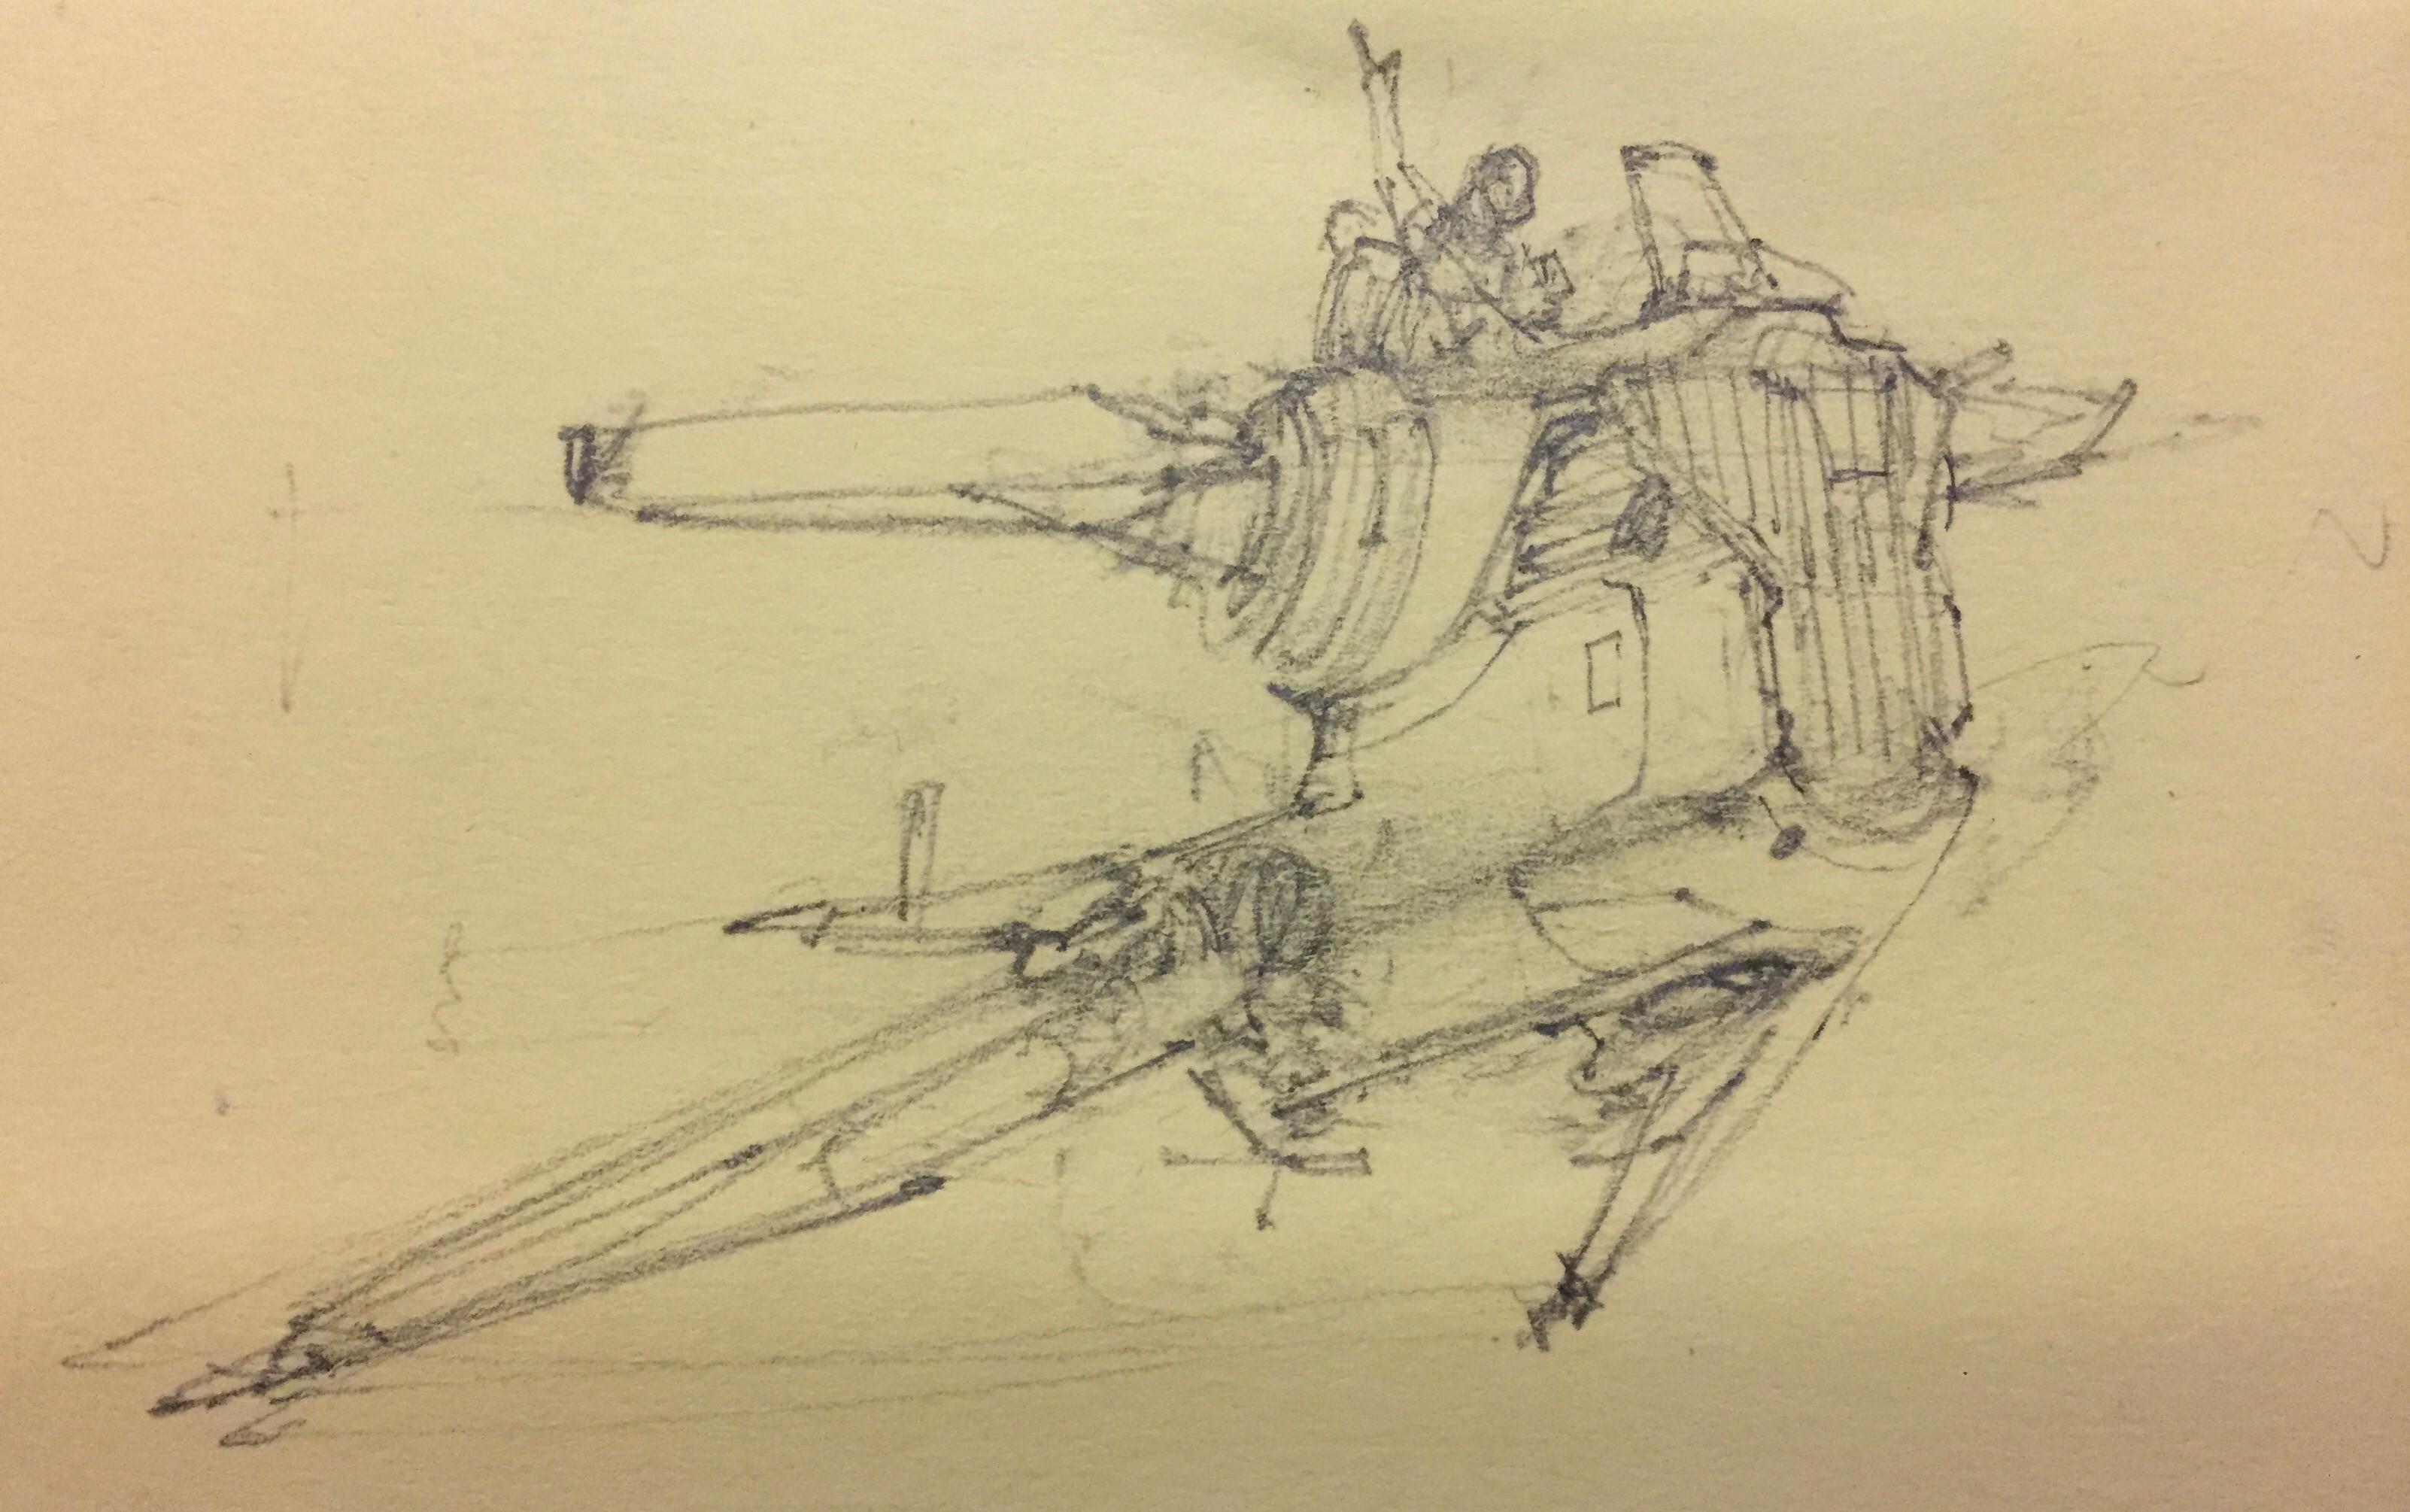 initial postit sketch of hero vehicle